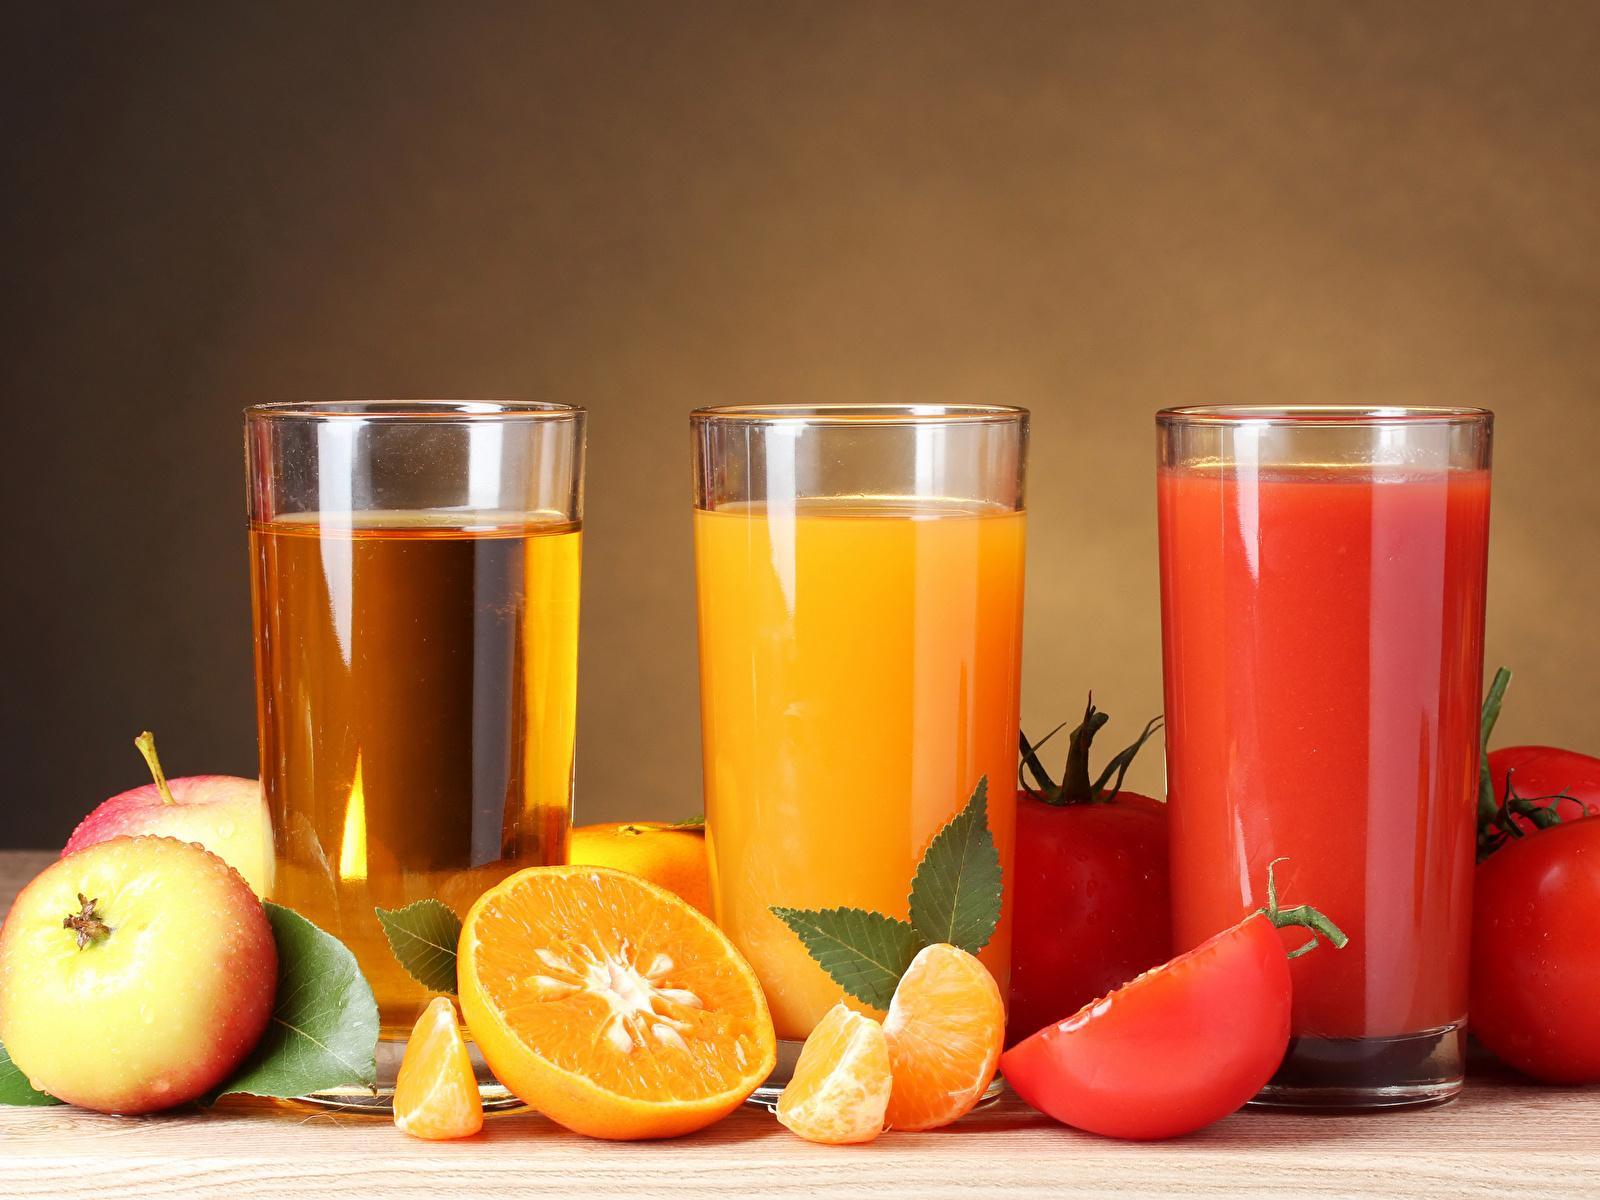 Картинки Сок Апельсин Помидоры Яблоки стакана Трое 3 Продукты питания 1600x1200 Томаты Стакан стакане Еда три Пища втроем